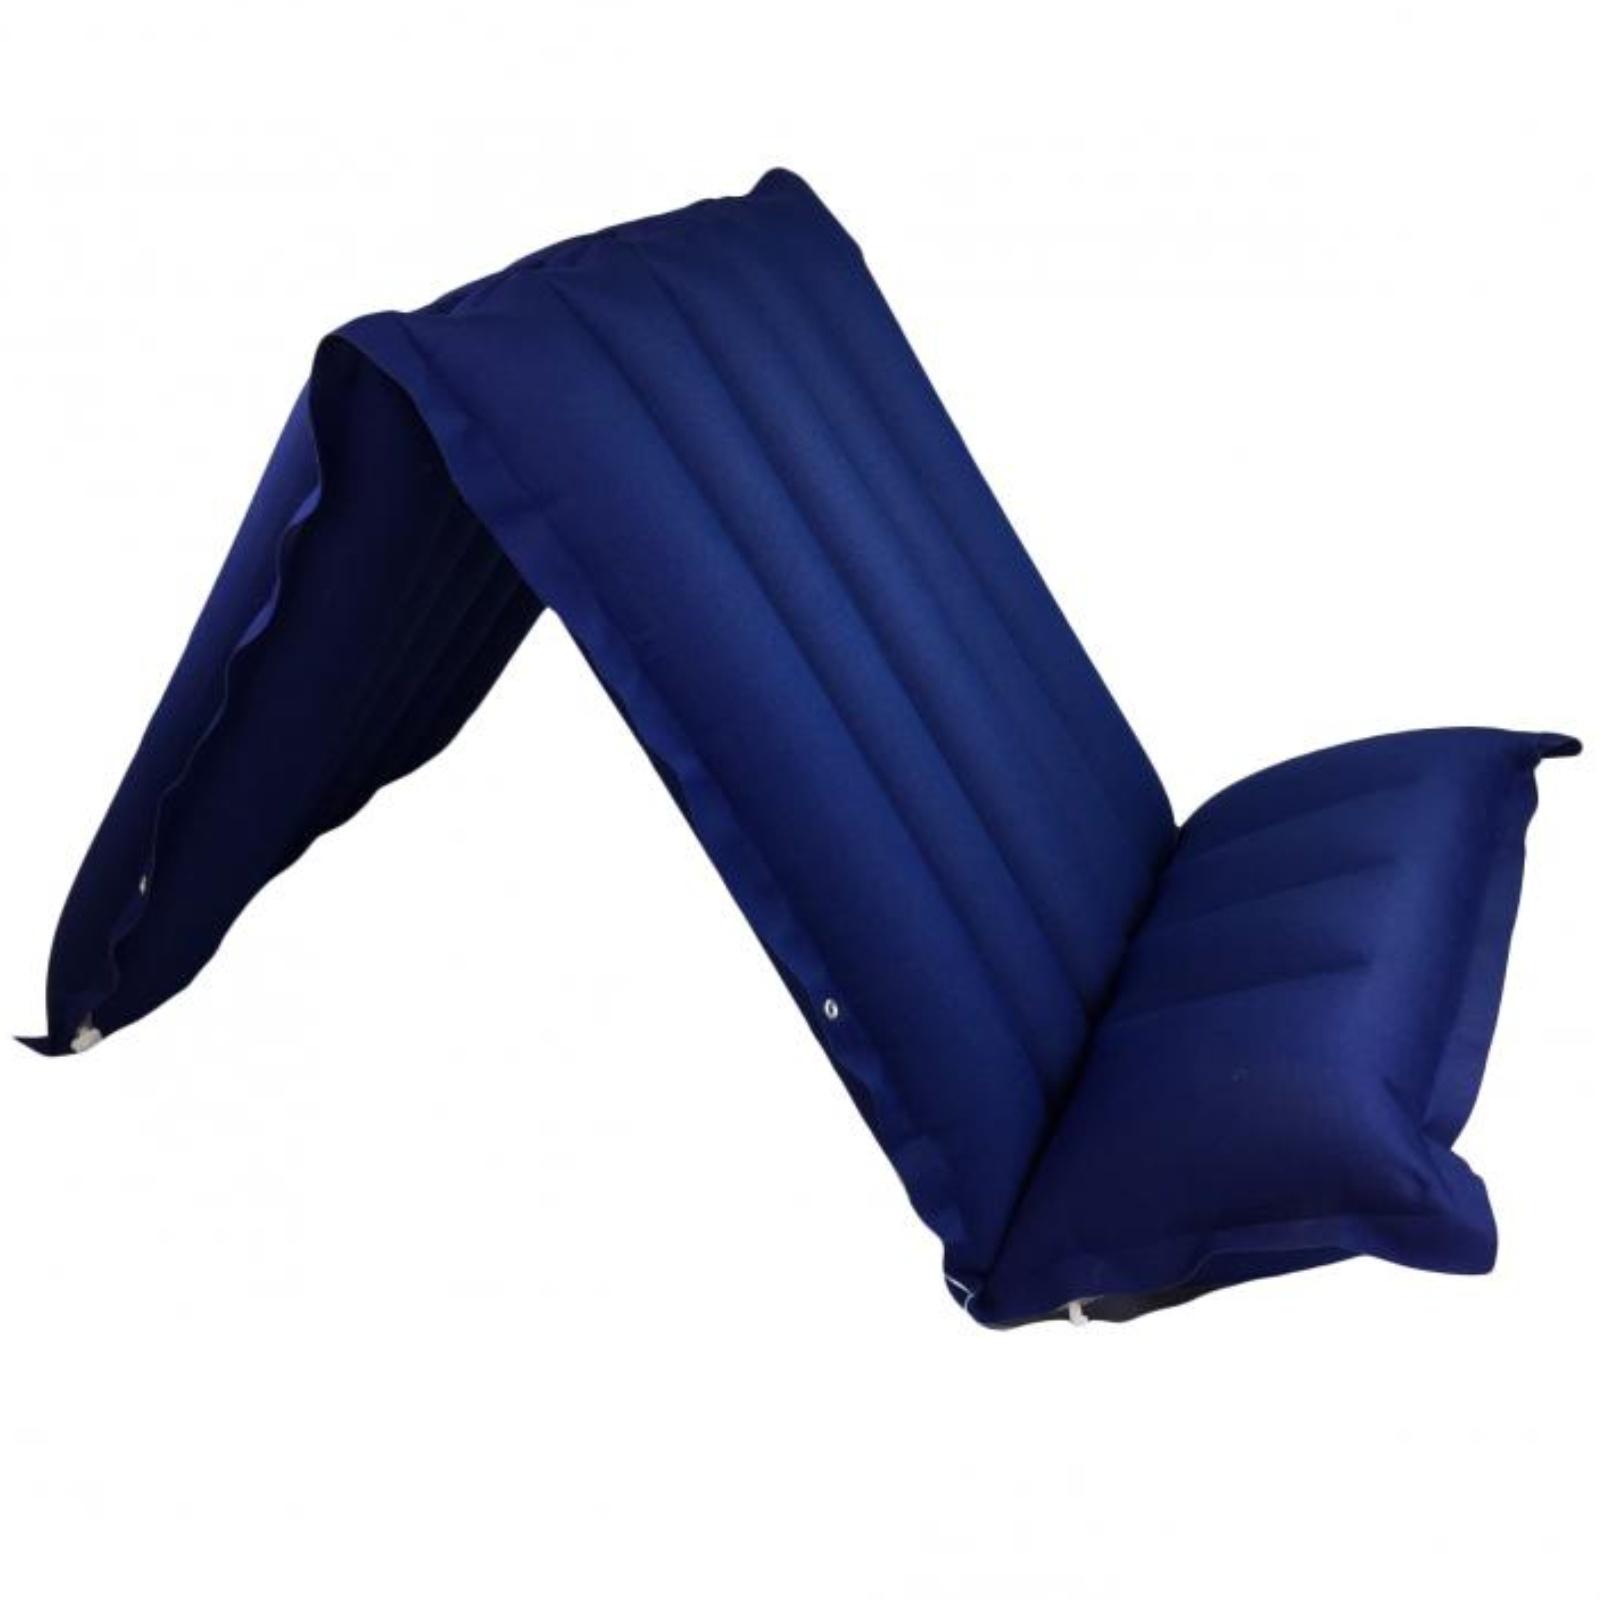 Nafukovací lehátko gumotextilní Bára 3 dílné - modré